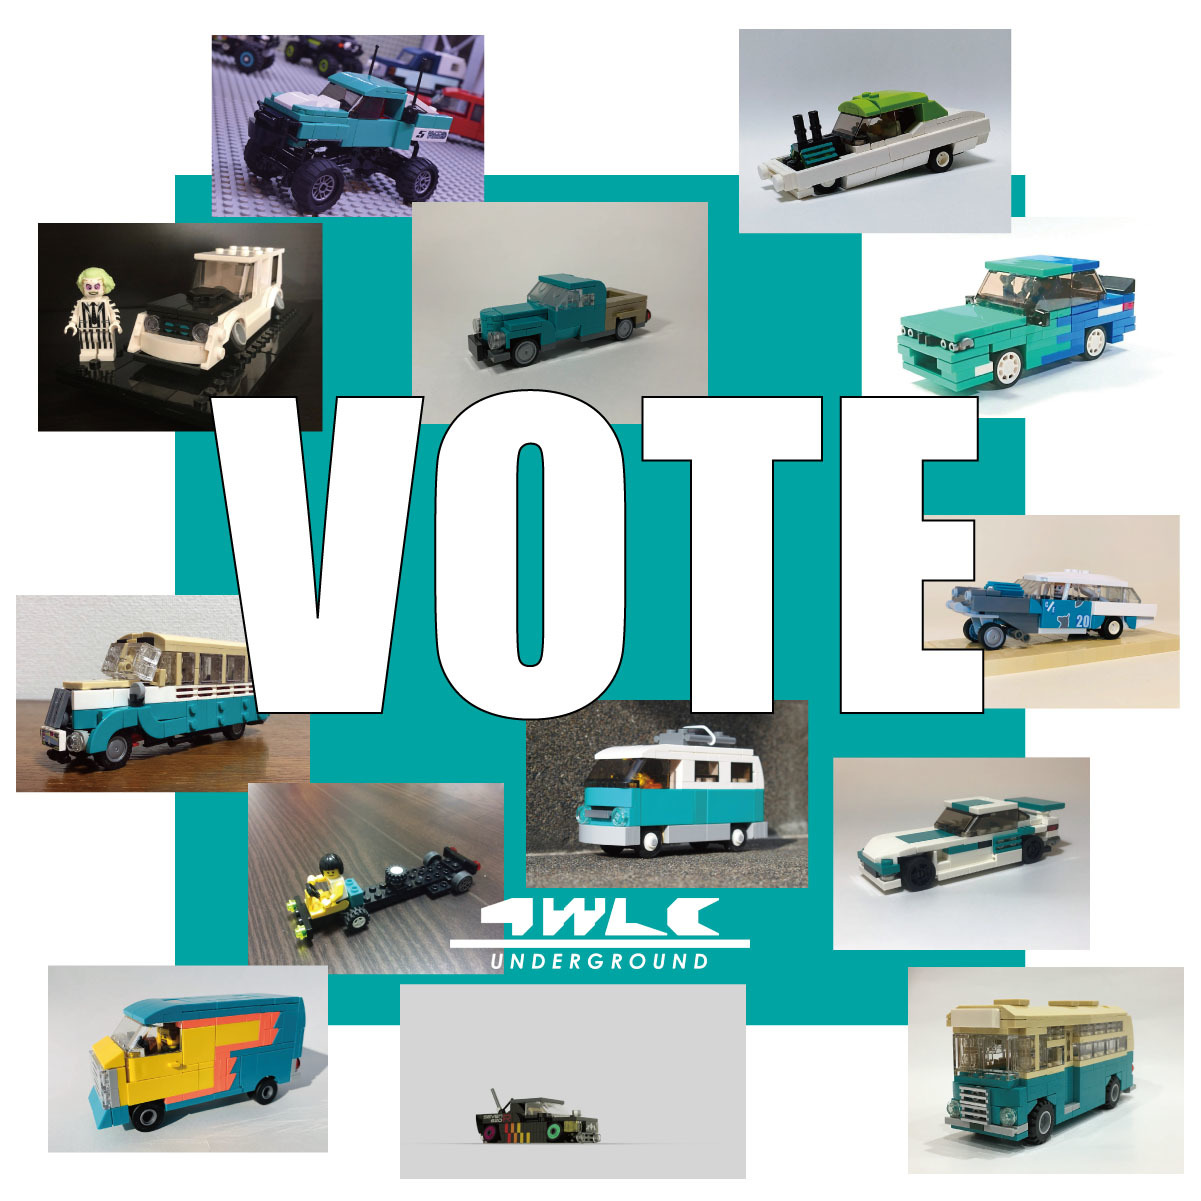 4wlcbuildcon2019_vote.jpg